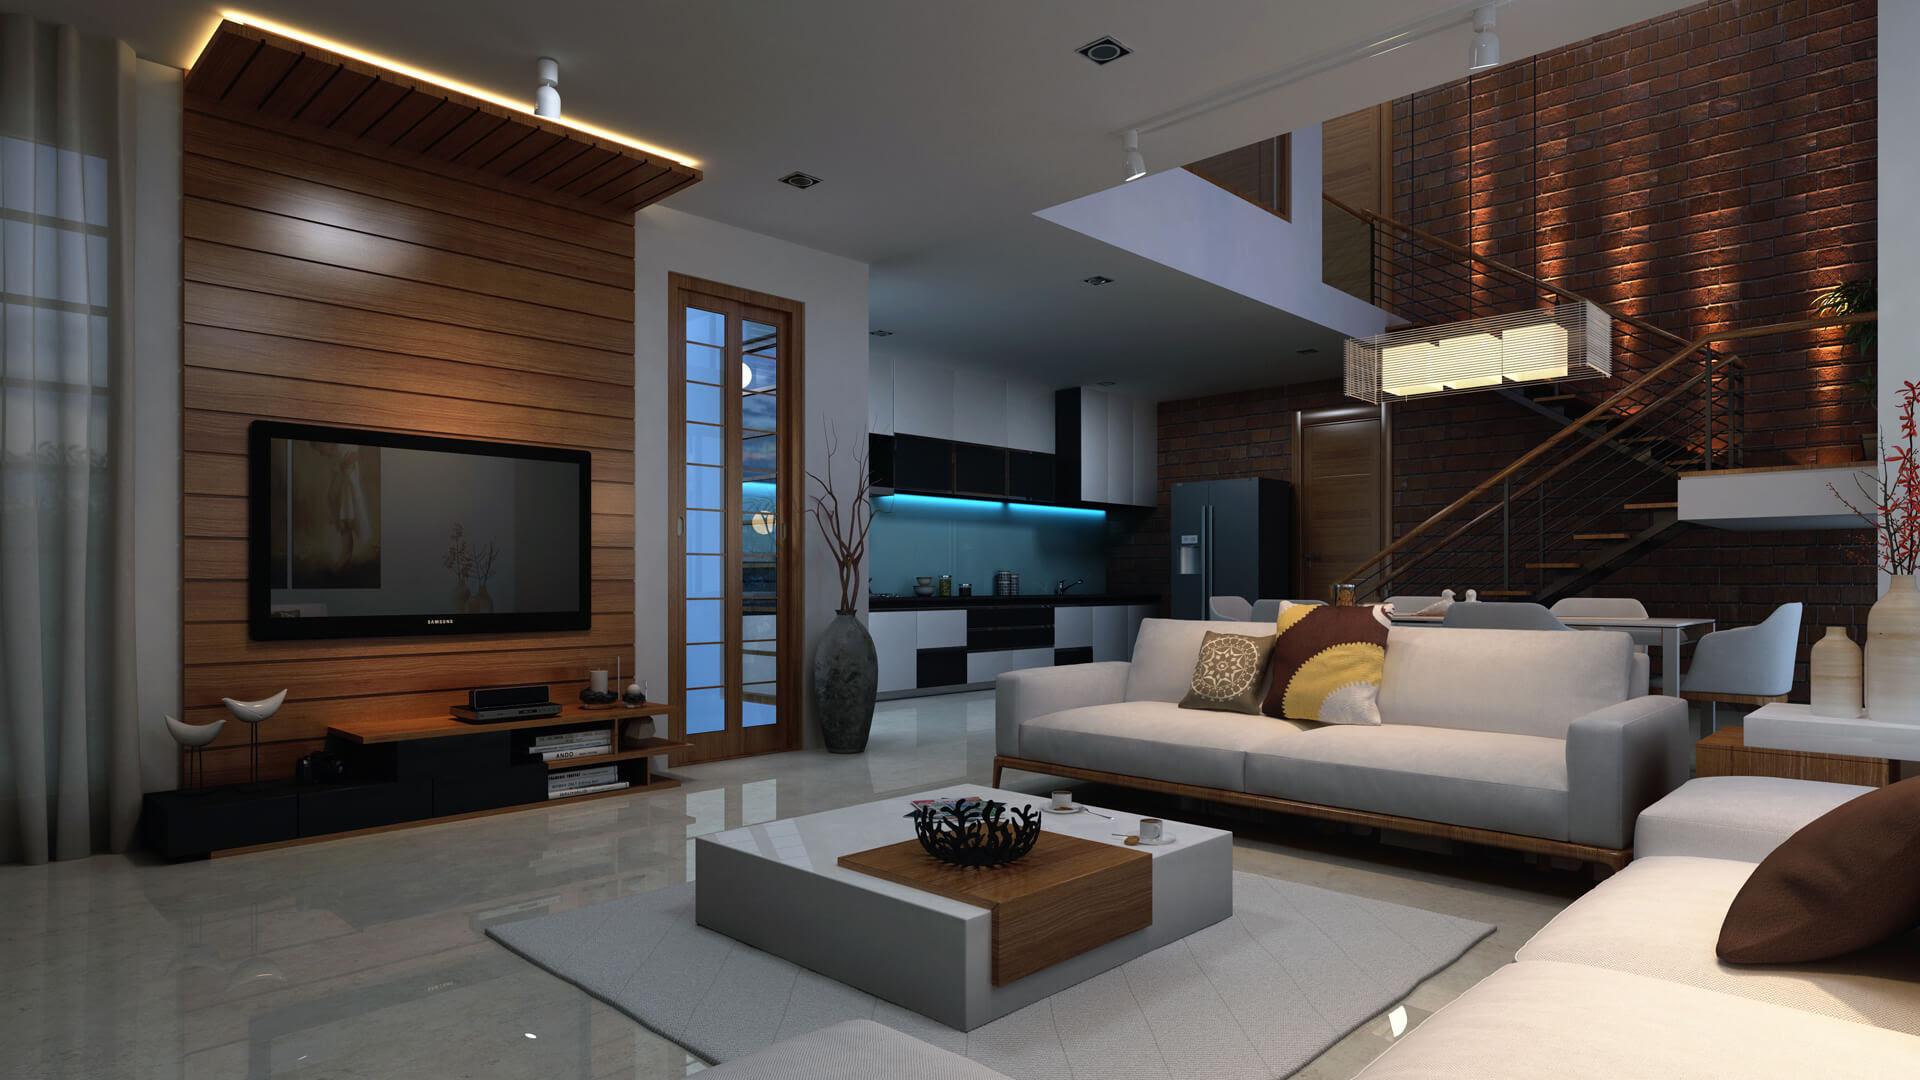 Kate Moss a devenit designer de interior. Așa arată o casă ...